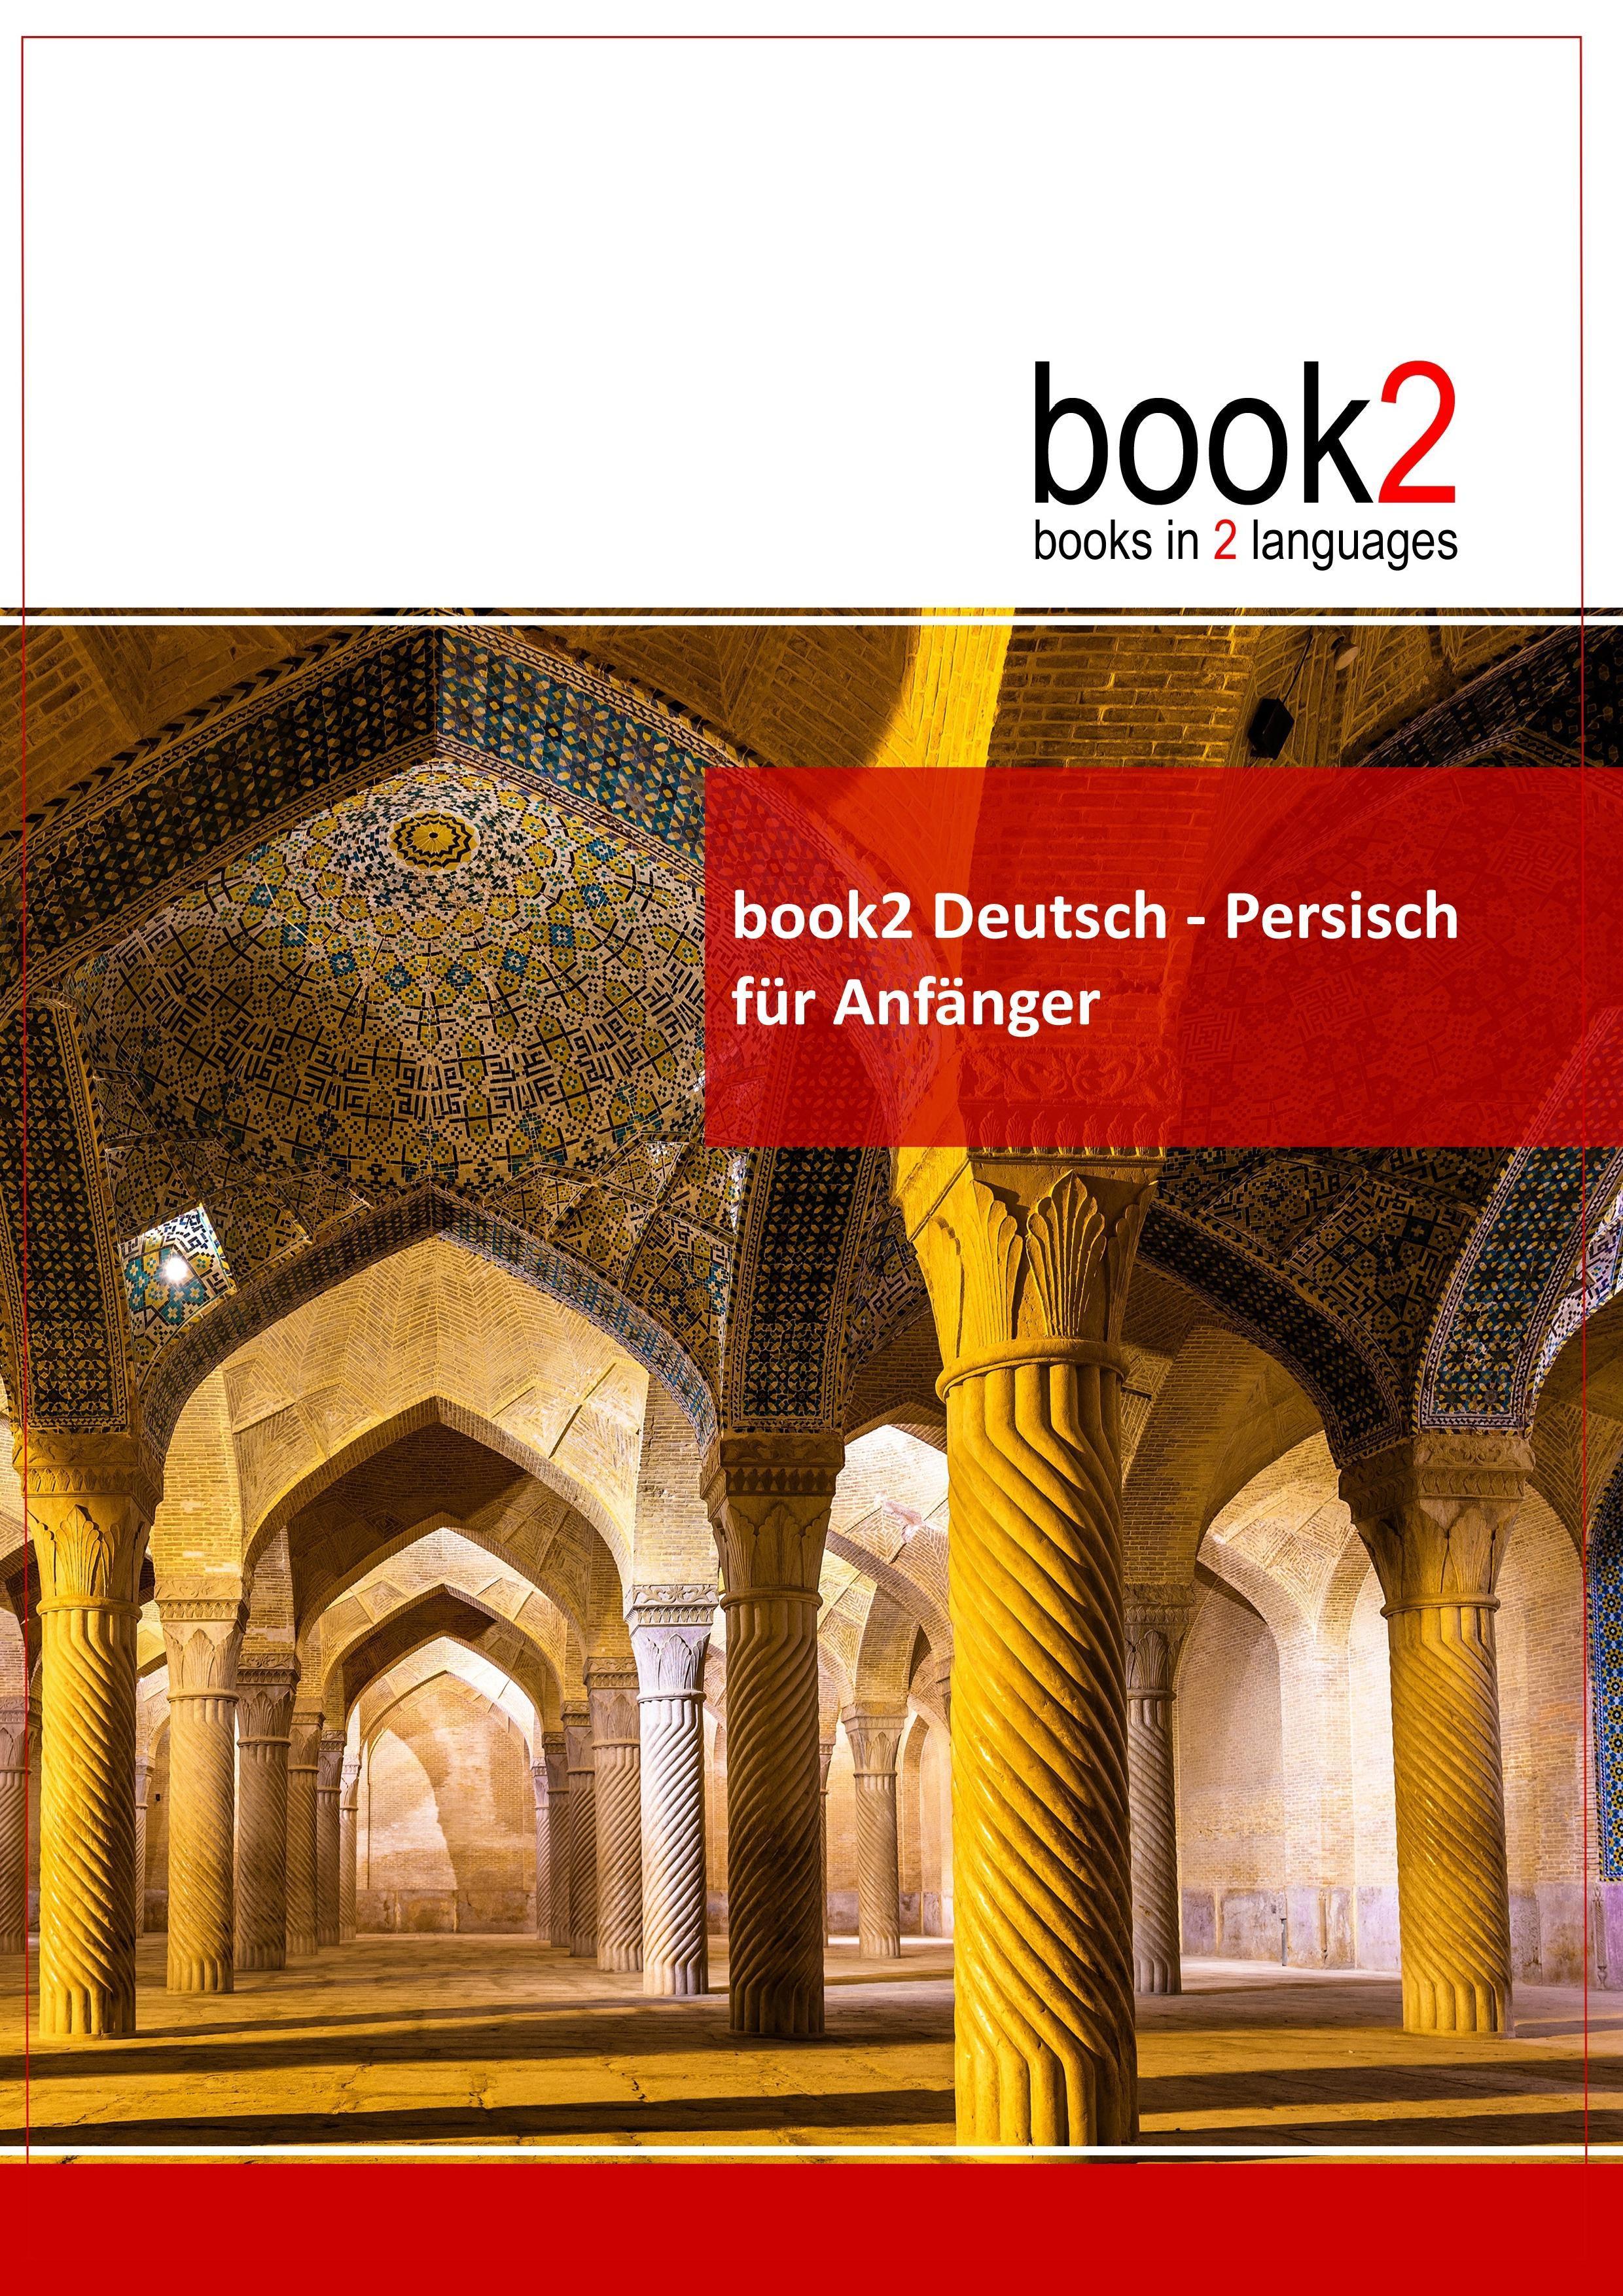 book2 Deutsch - Persisch für Anfänger